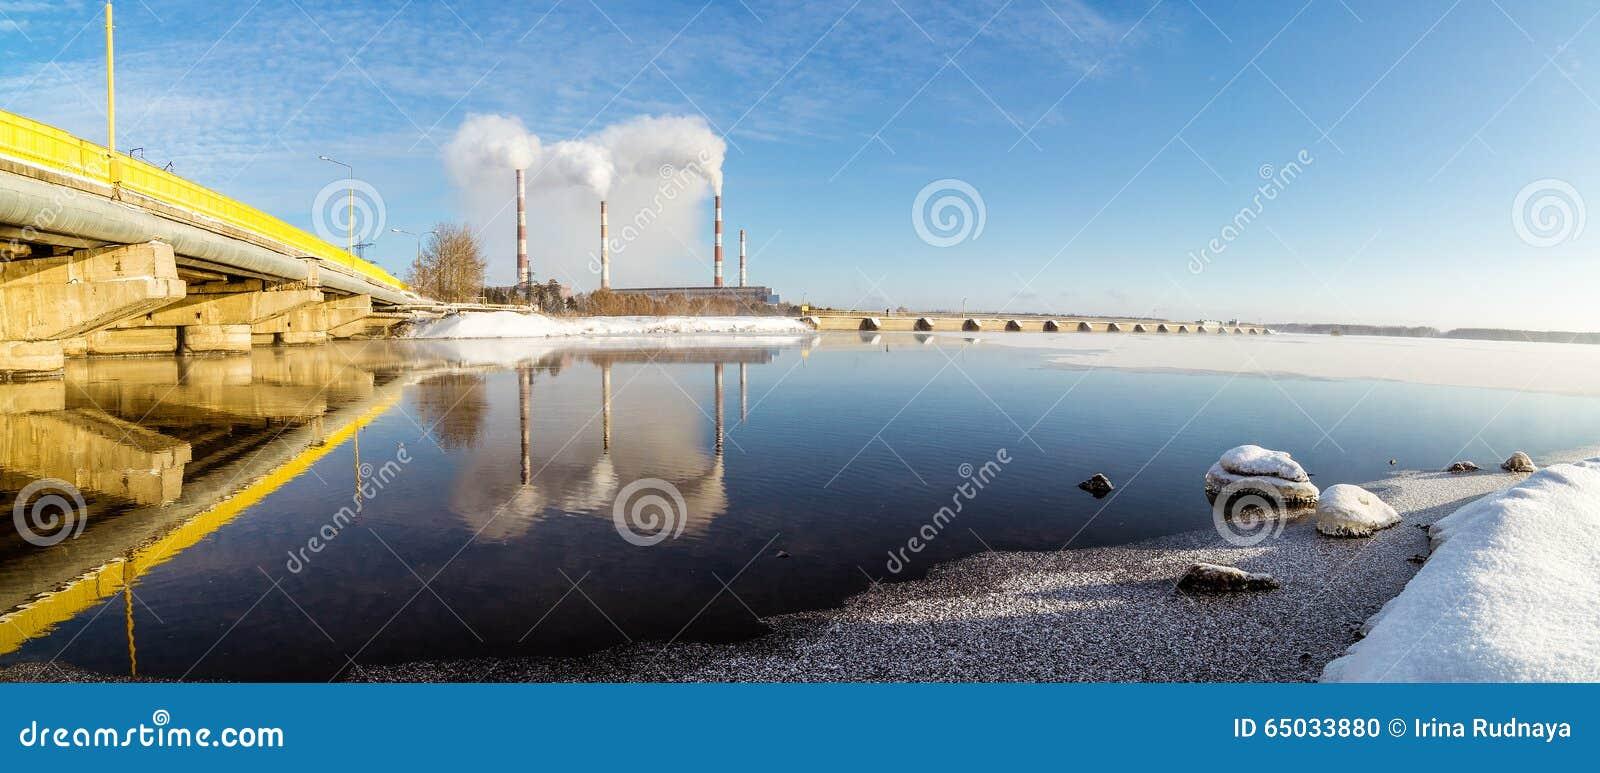 De elektrische centrale rusland het oeralgebergte van reftinskaya van het panoramareservoir - Centrale eiland prijzen ...